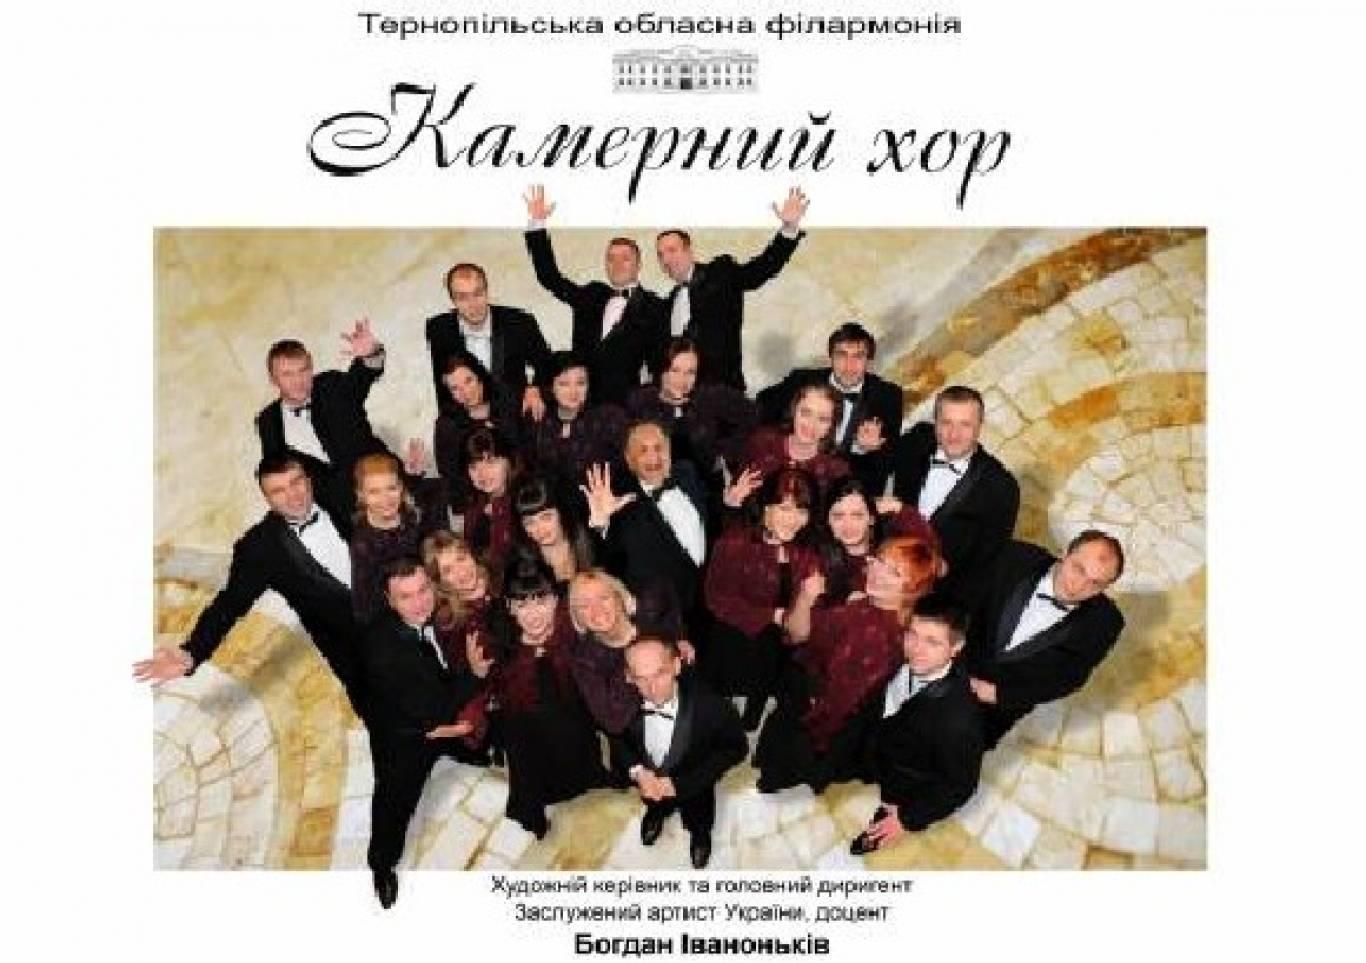 Мистецький вечір Оксани Скрипчук